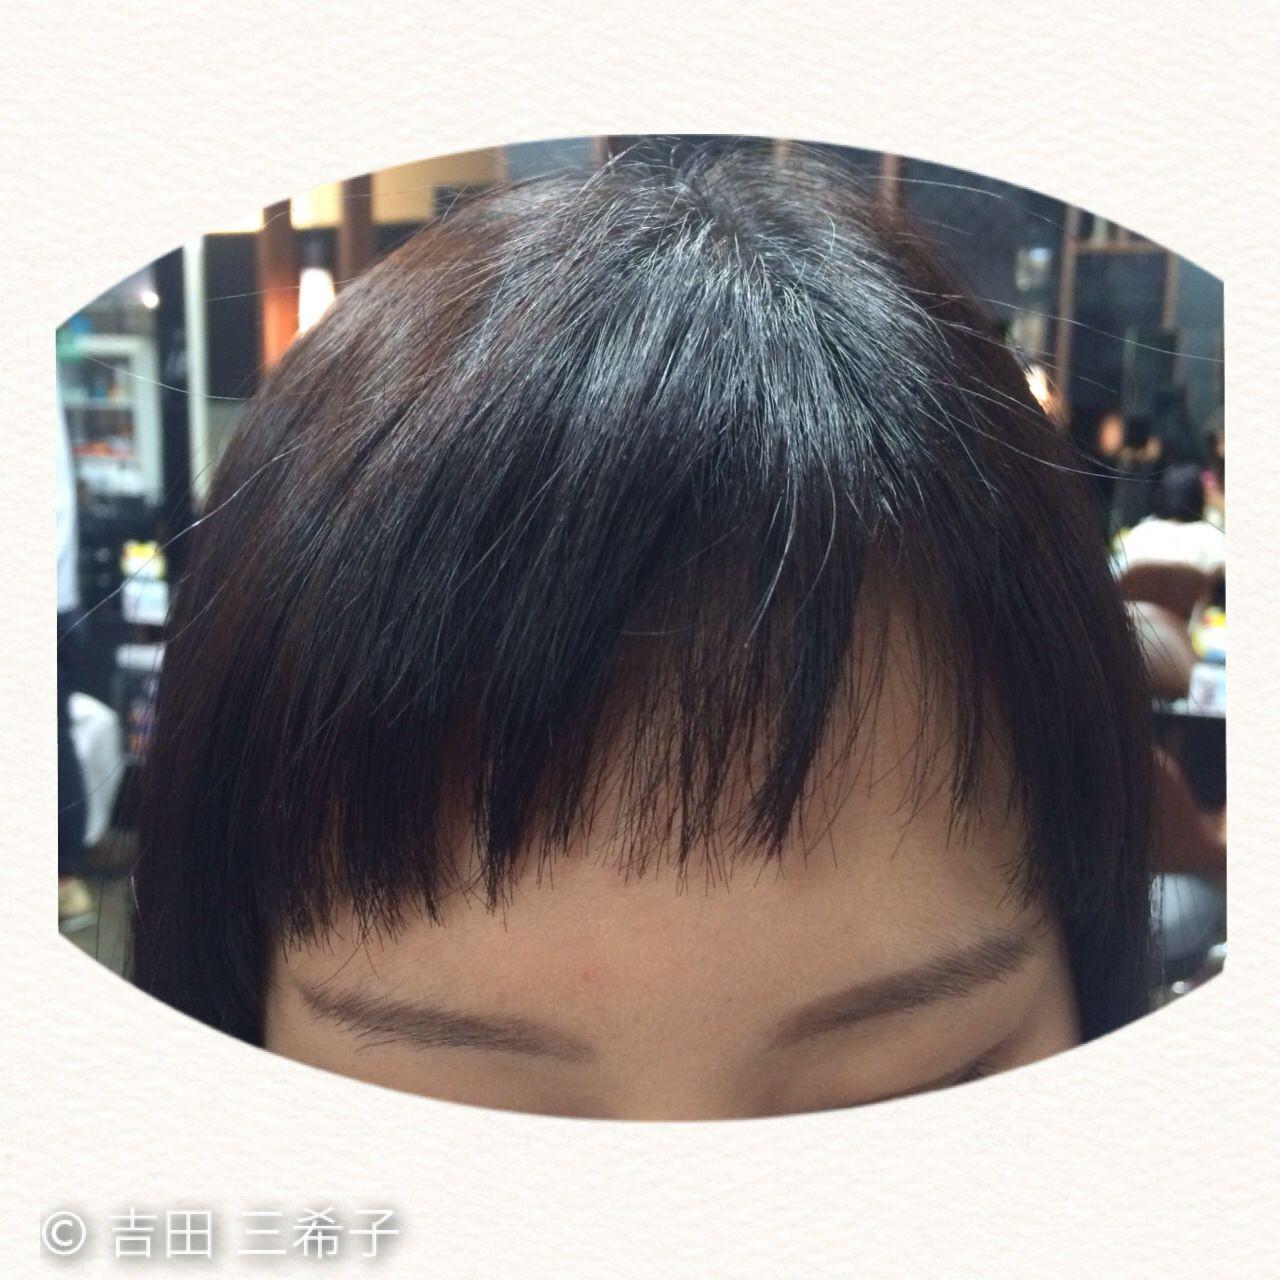 前髪パッツン オン眉 ガーリー 前髪アレンジ ヘアスタイルや髪型の写真・画像